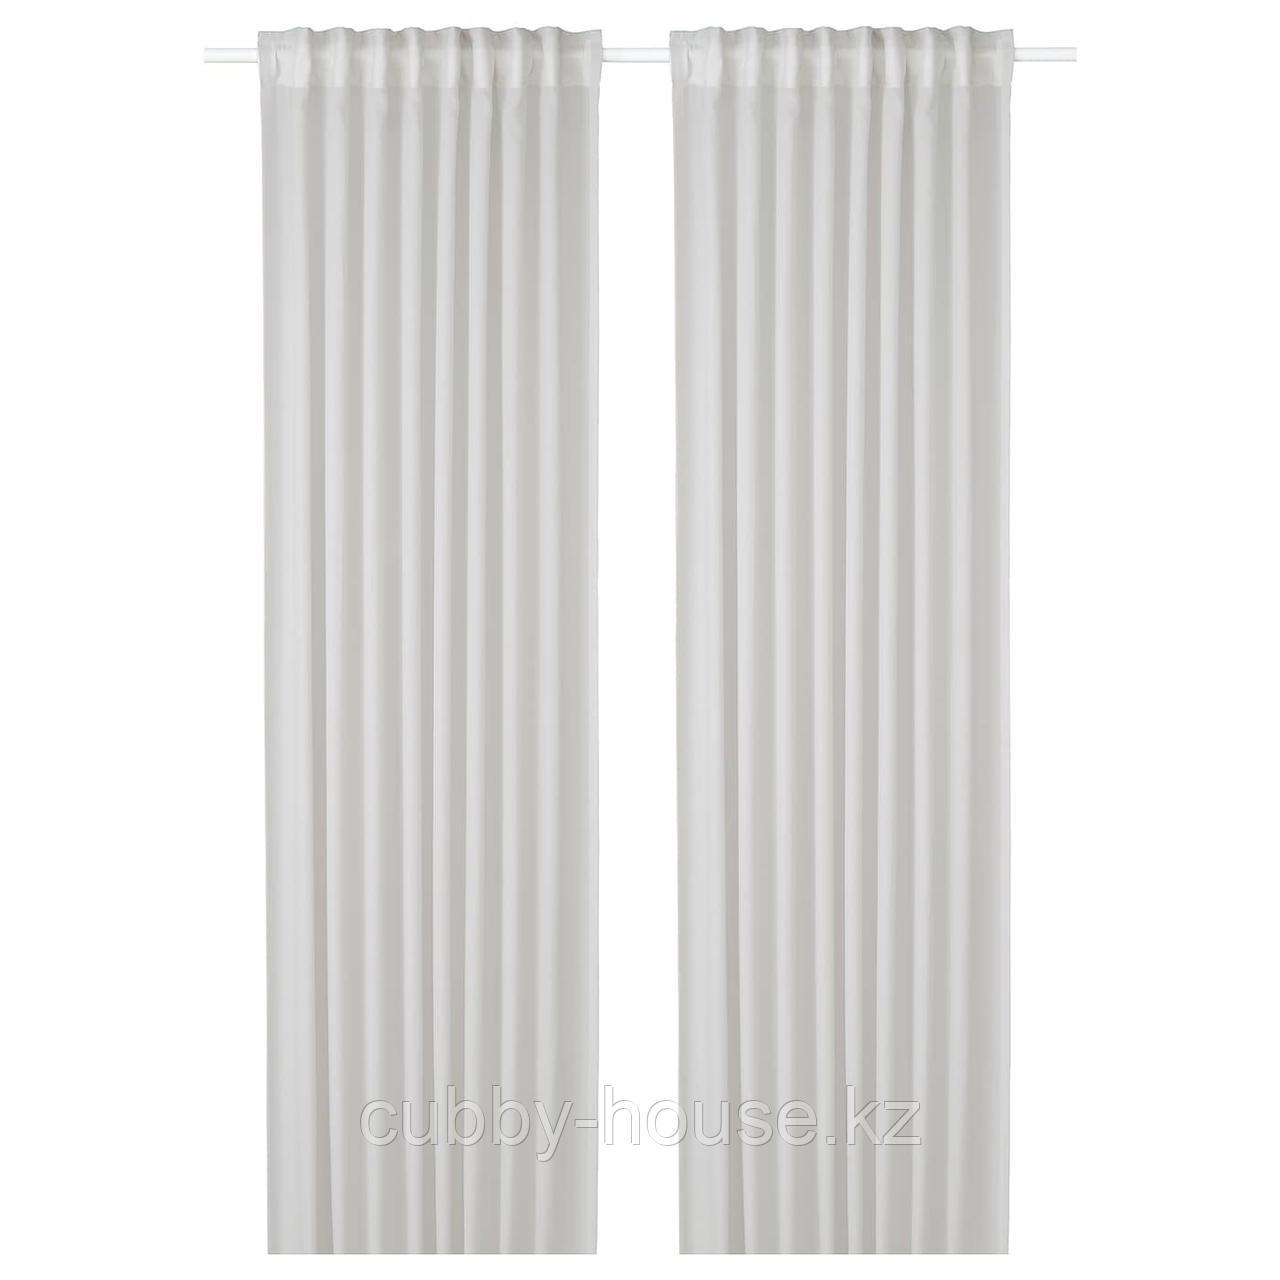 ГУНРИД Гардины, очищающие воздух, 1 пара, светло-серый, 145x300 см